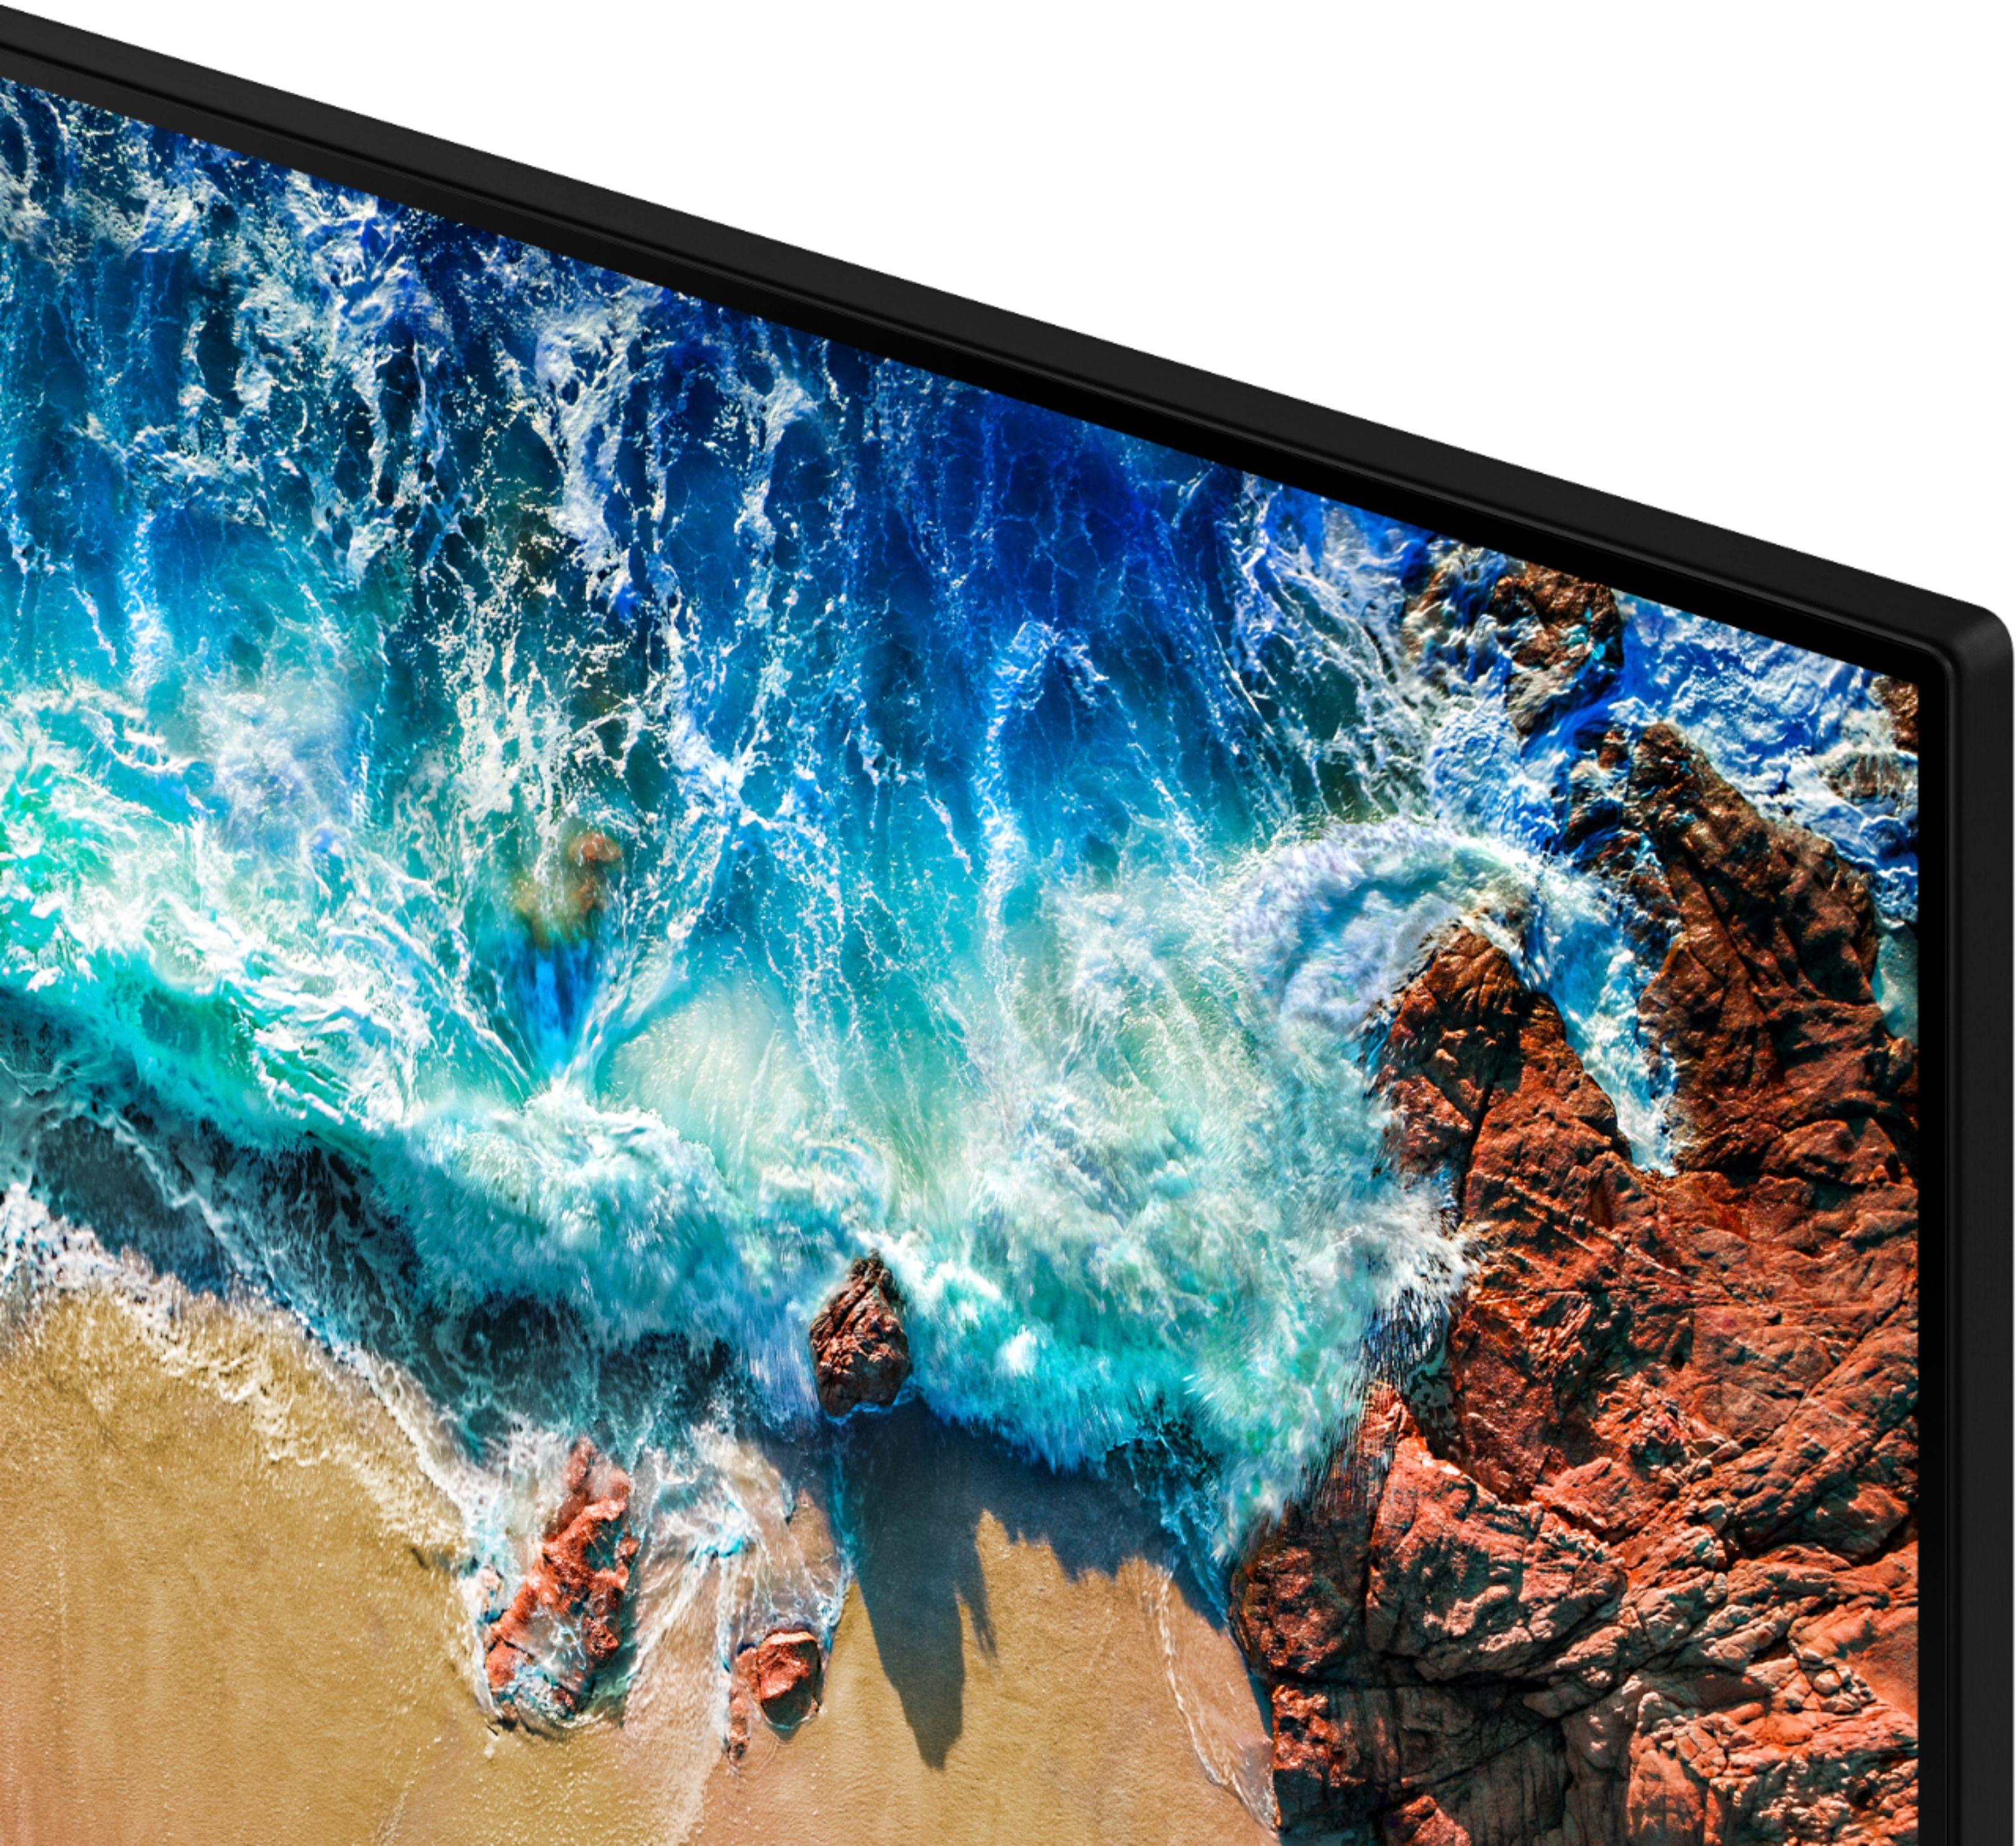 Image 4 for Samsung UN65NU8000FXZA